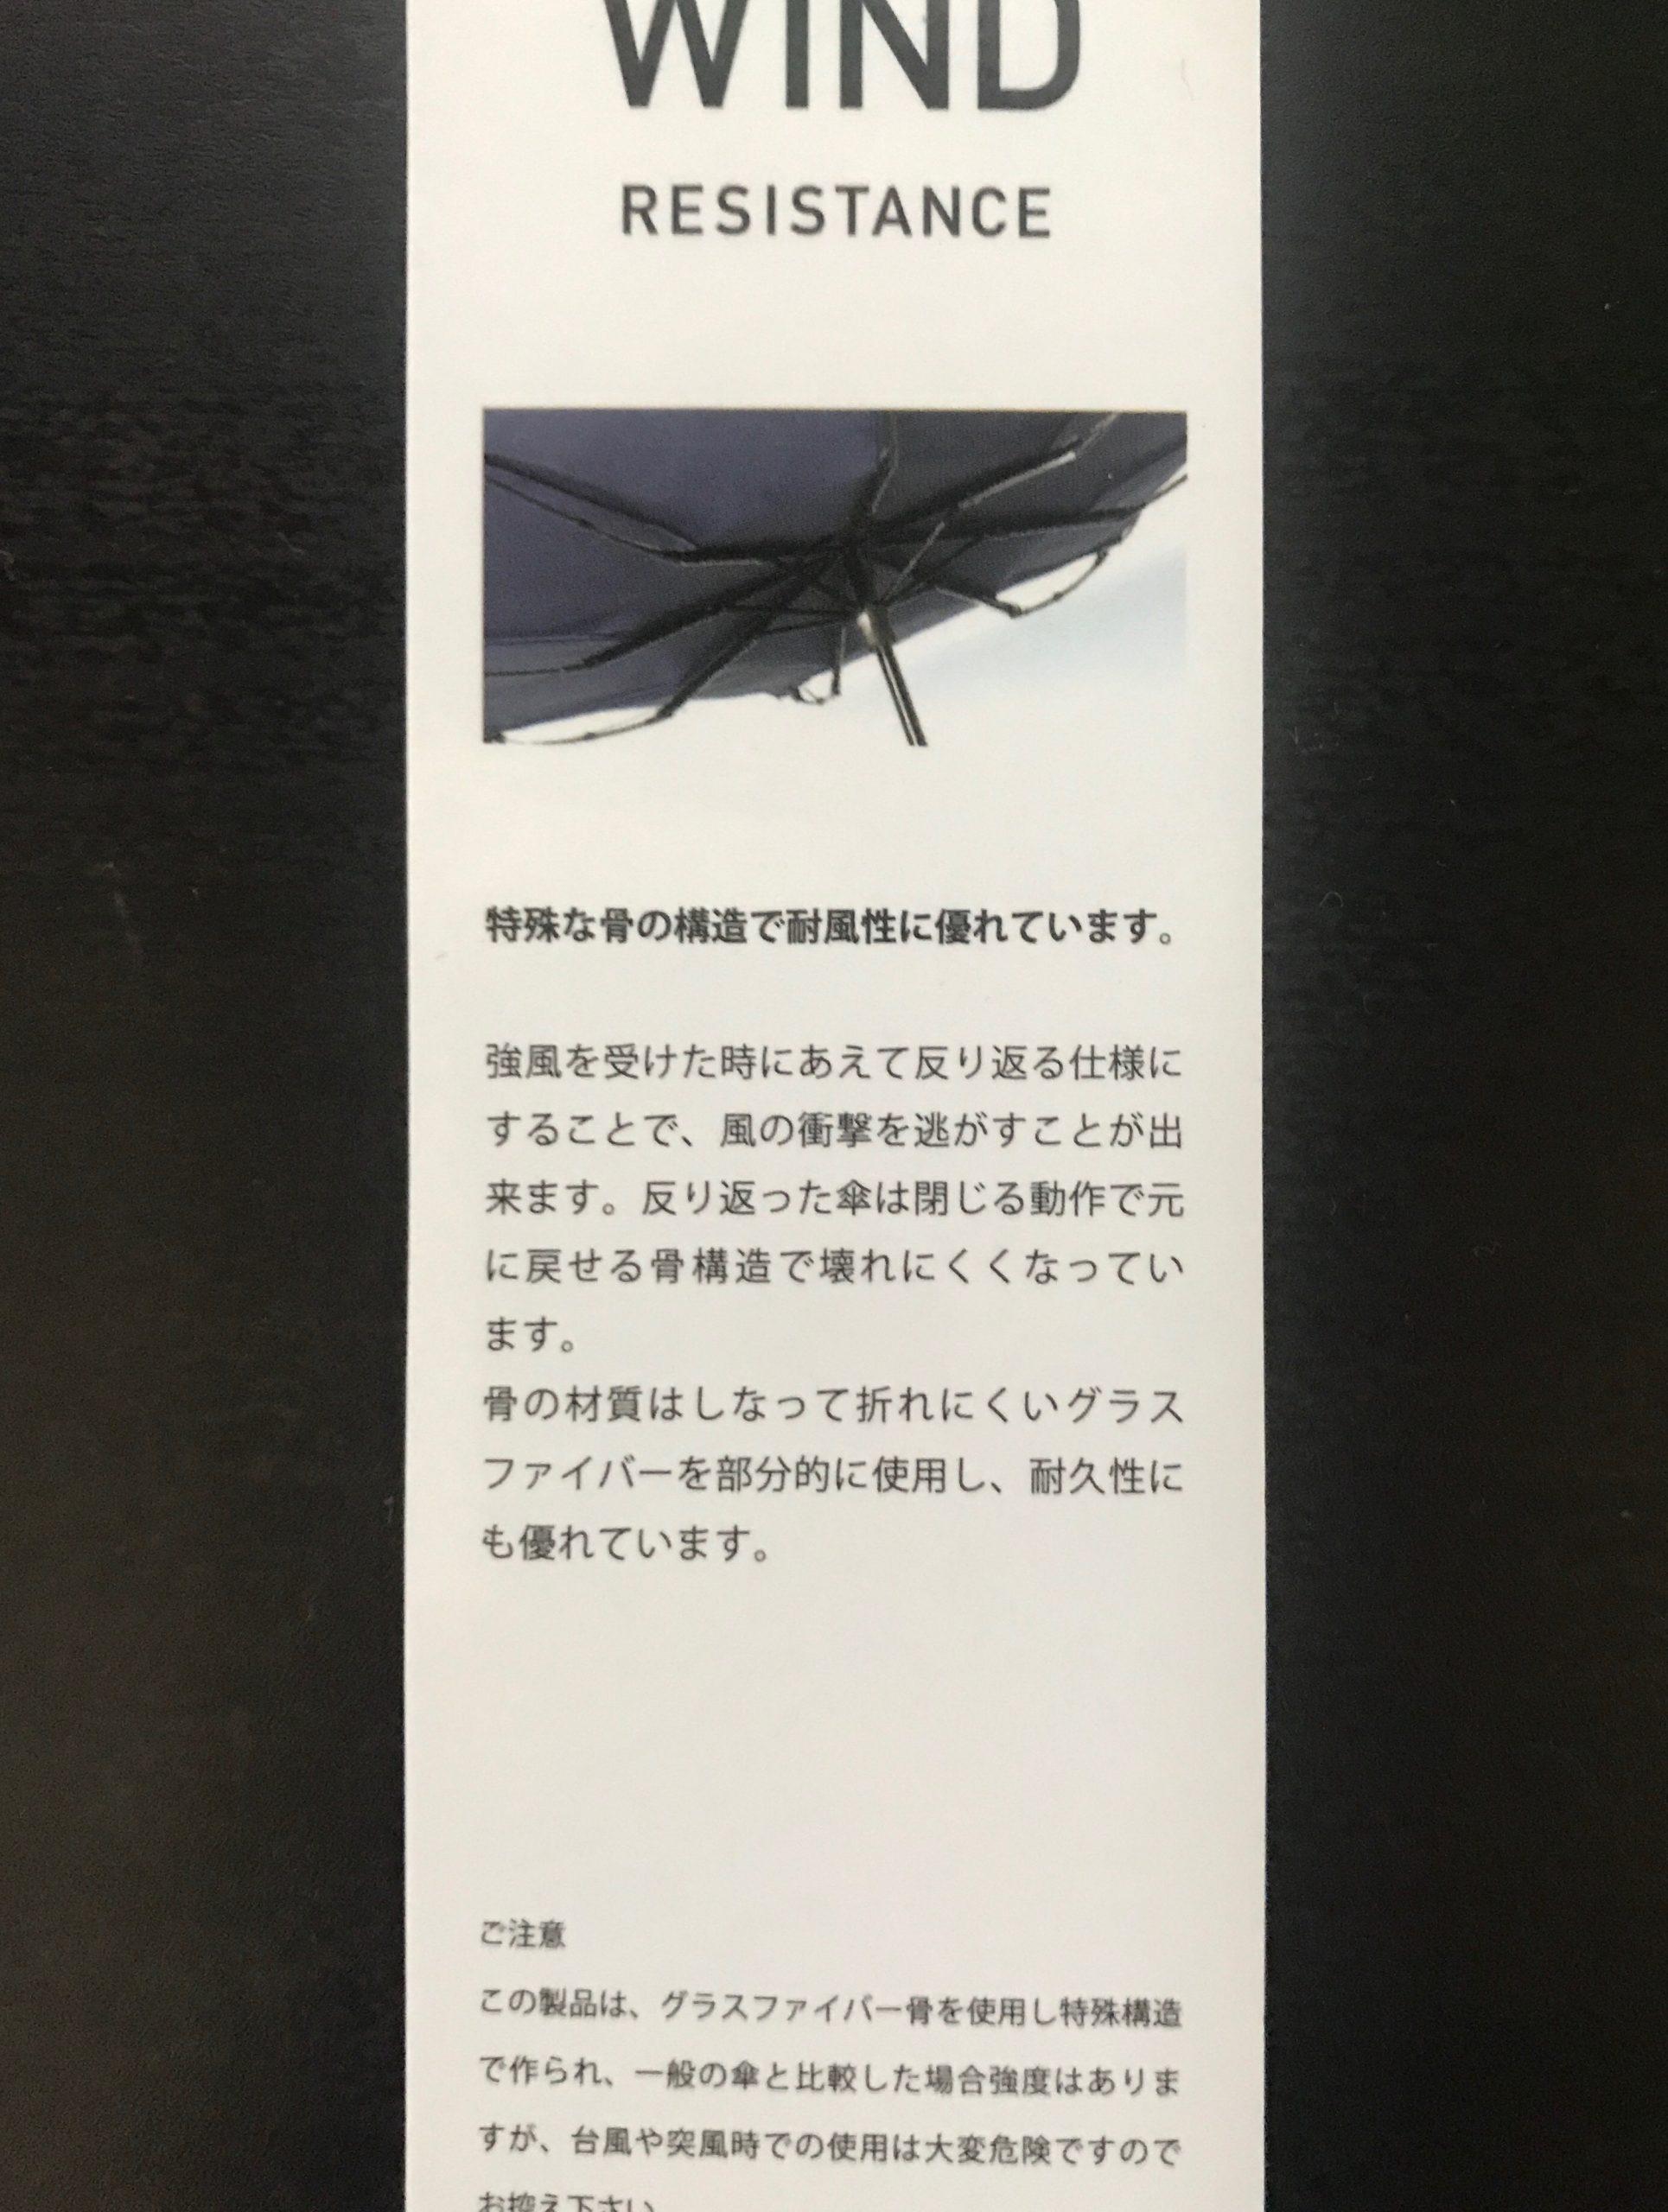 Wpc折りたたみ傘のタグ